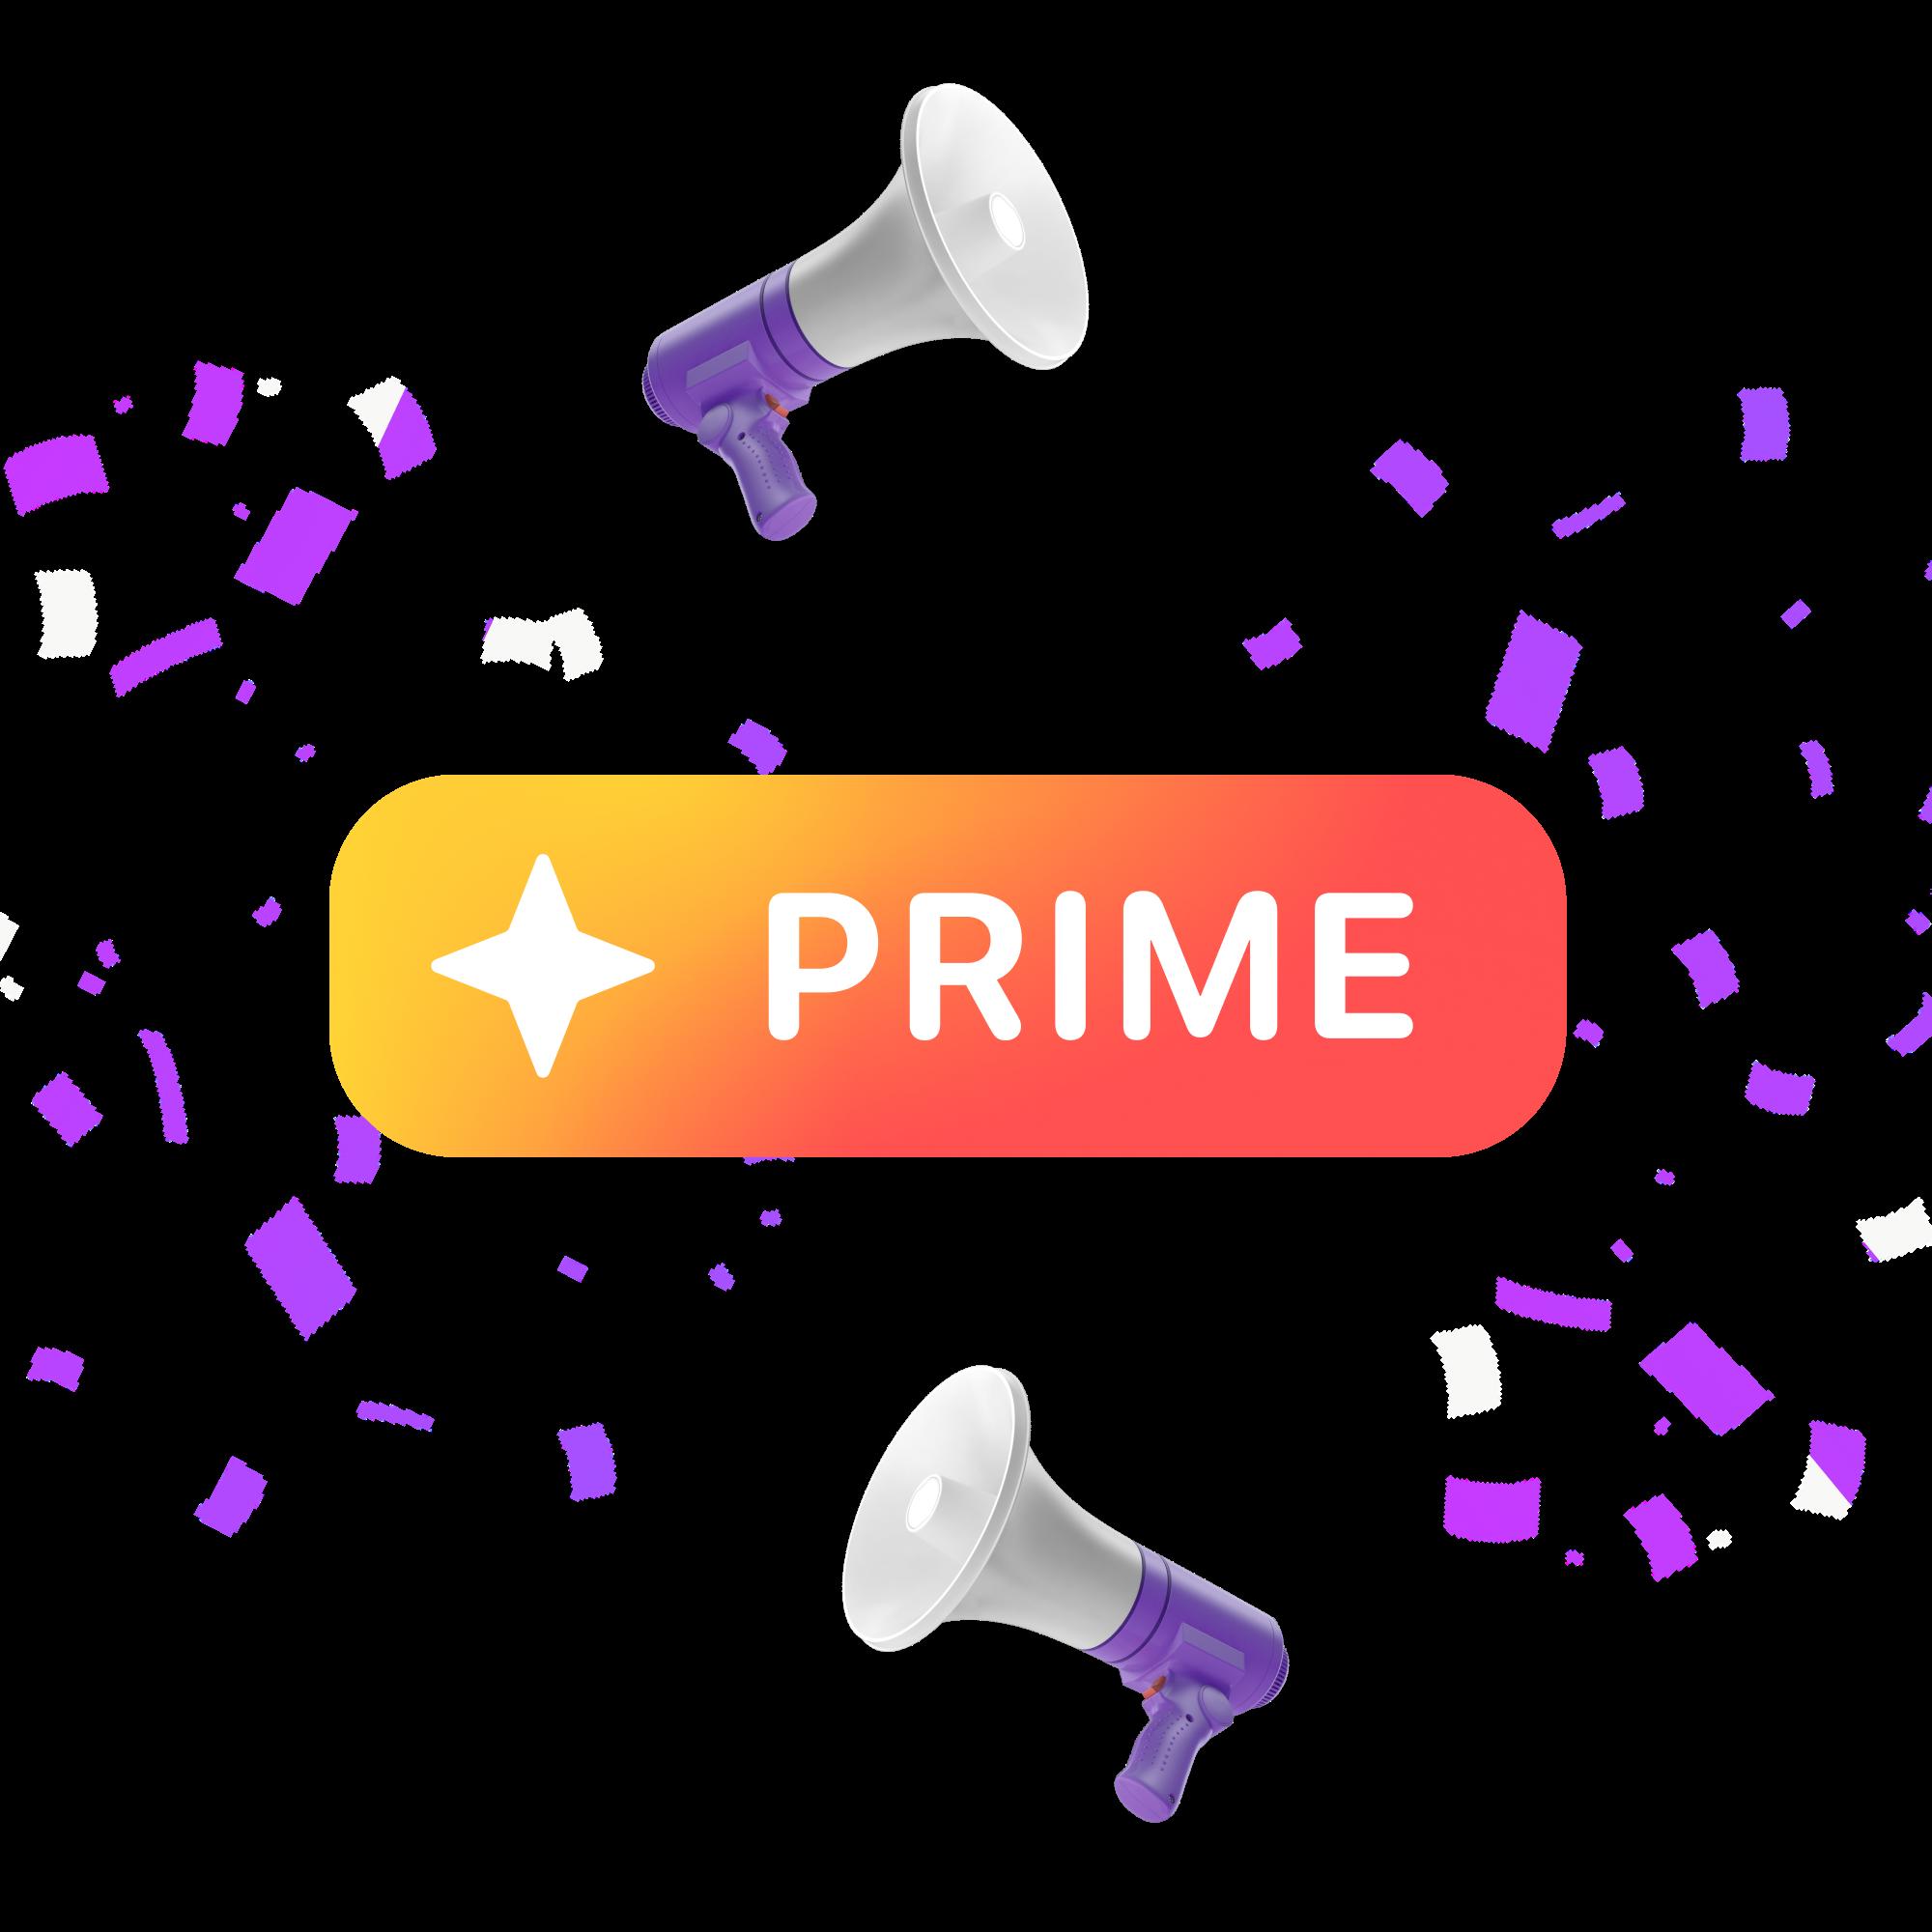 ¡Descubre el nuevo Vivid Prime!